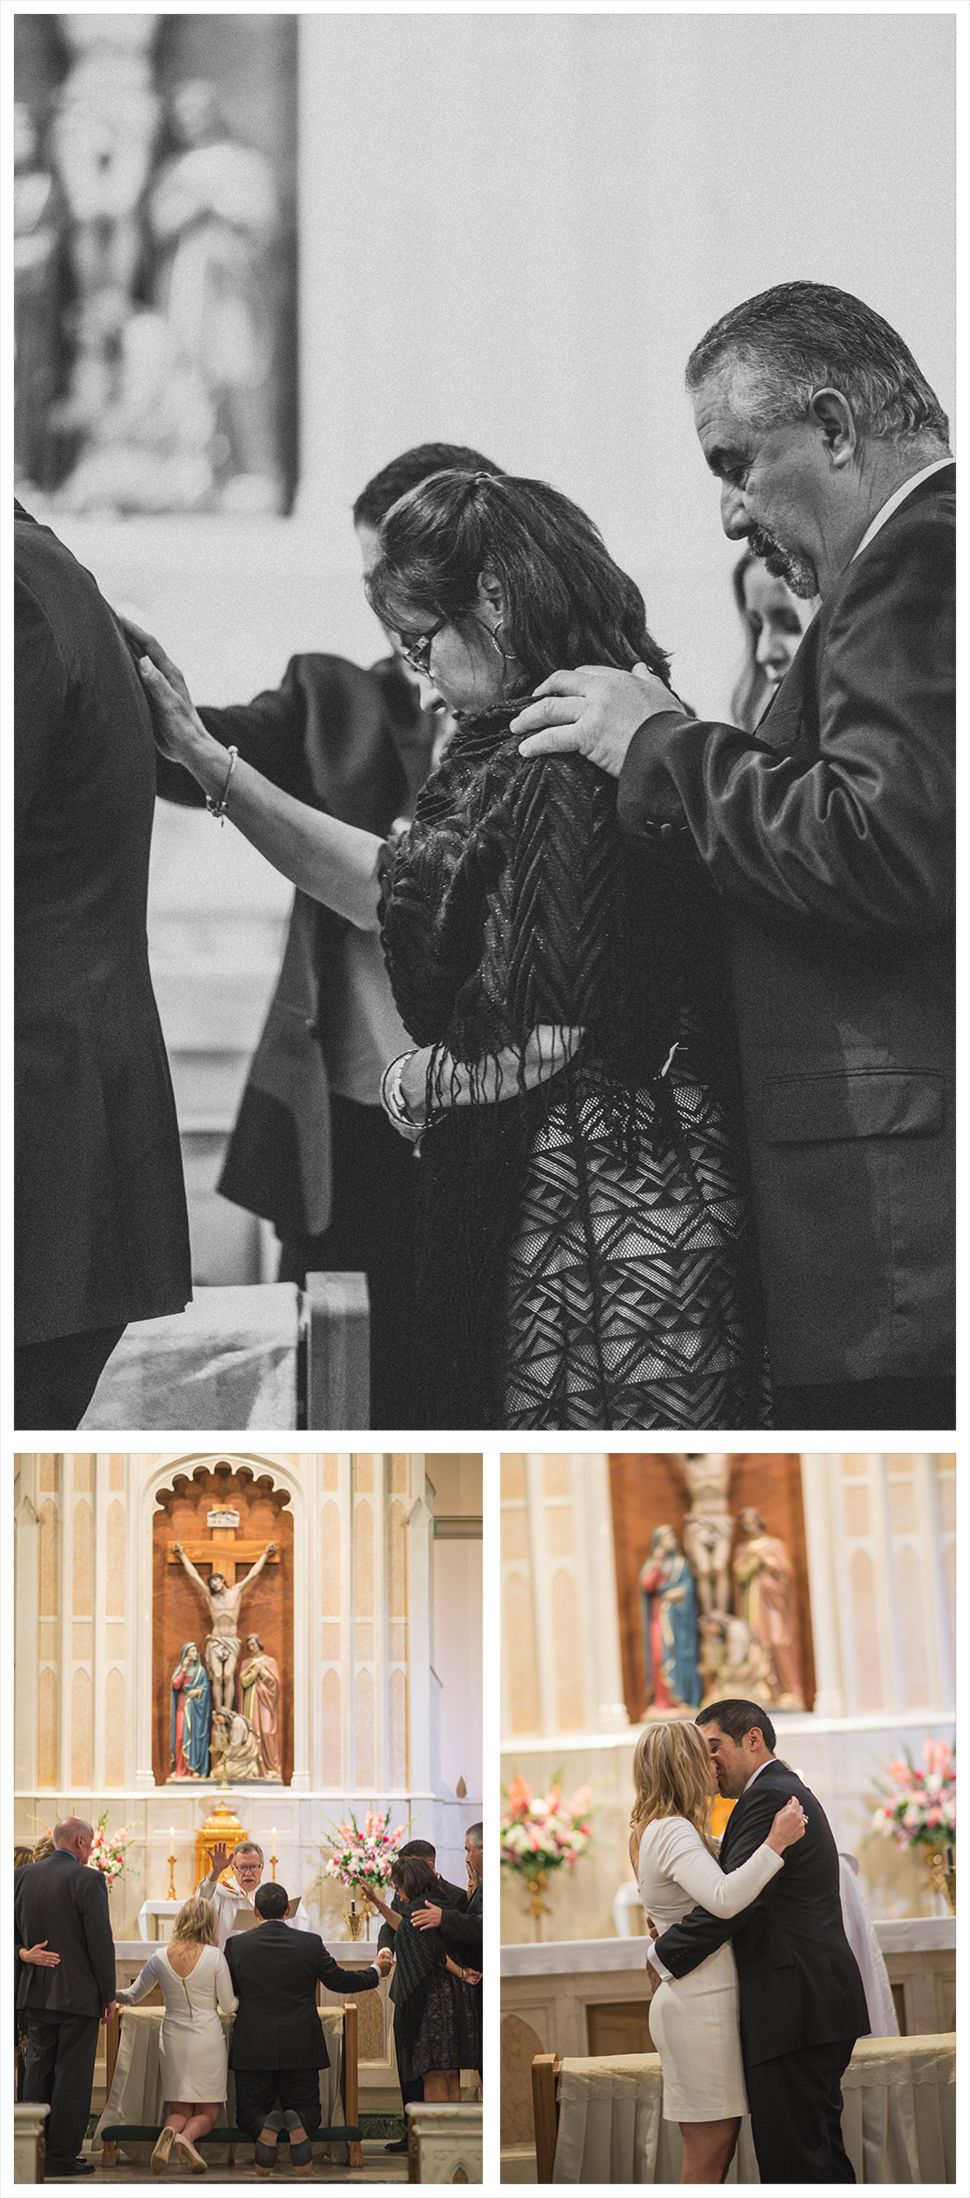 Small catholic wedding